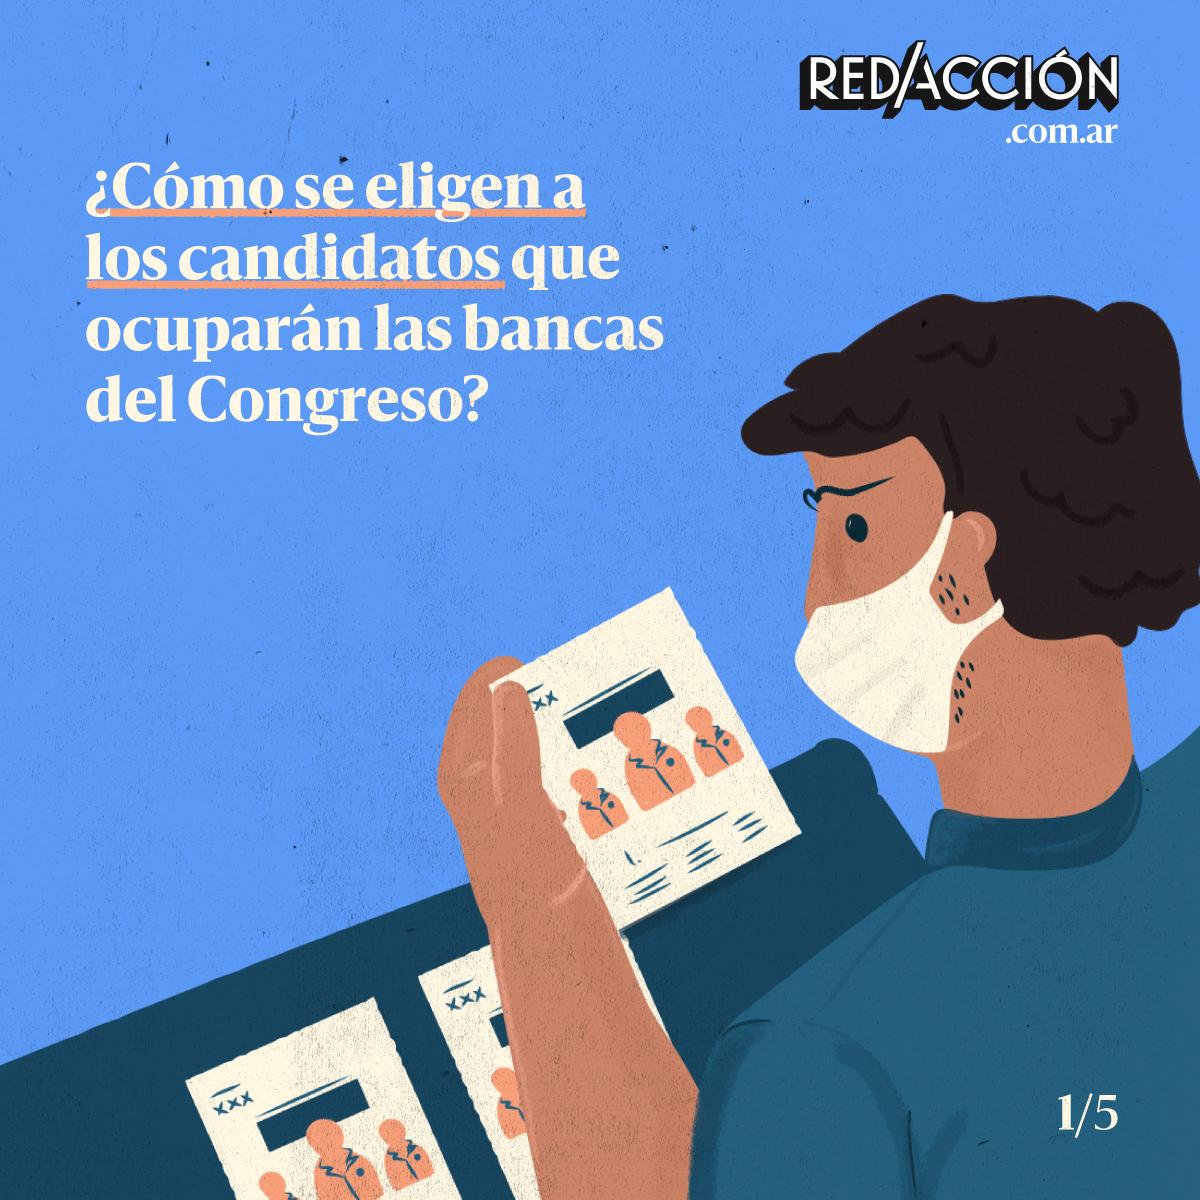 ¿Cómo se eligen a las y los candidatos que ocuparán las bancas del Congreso?